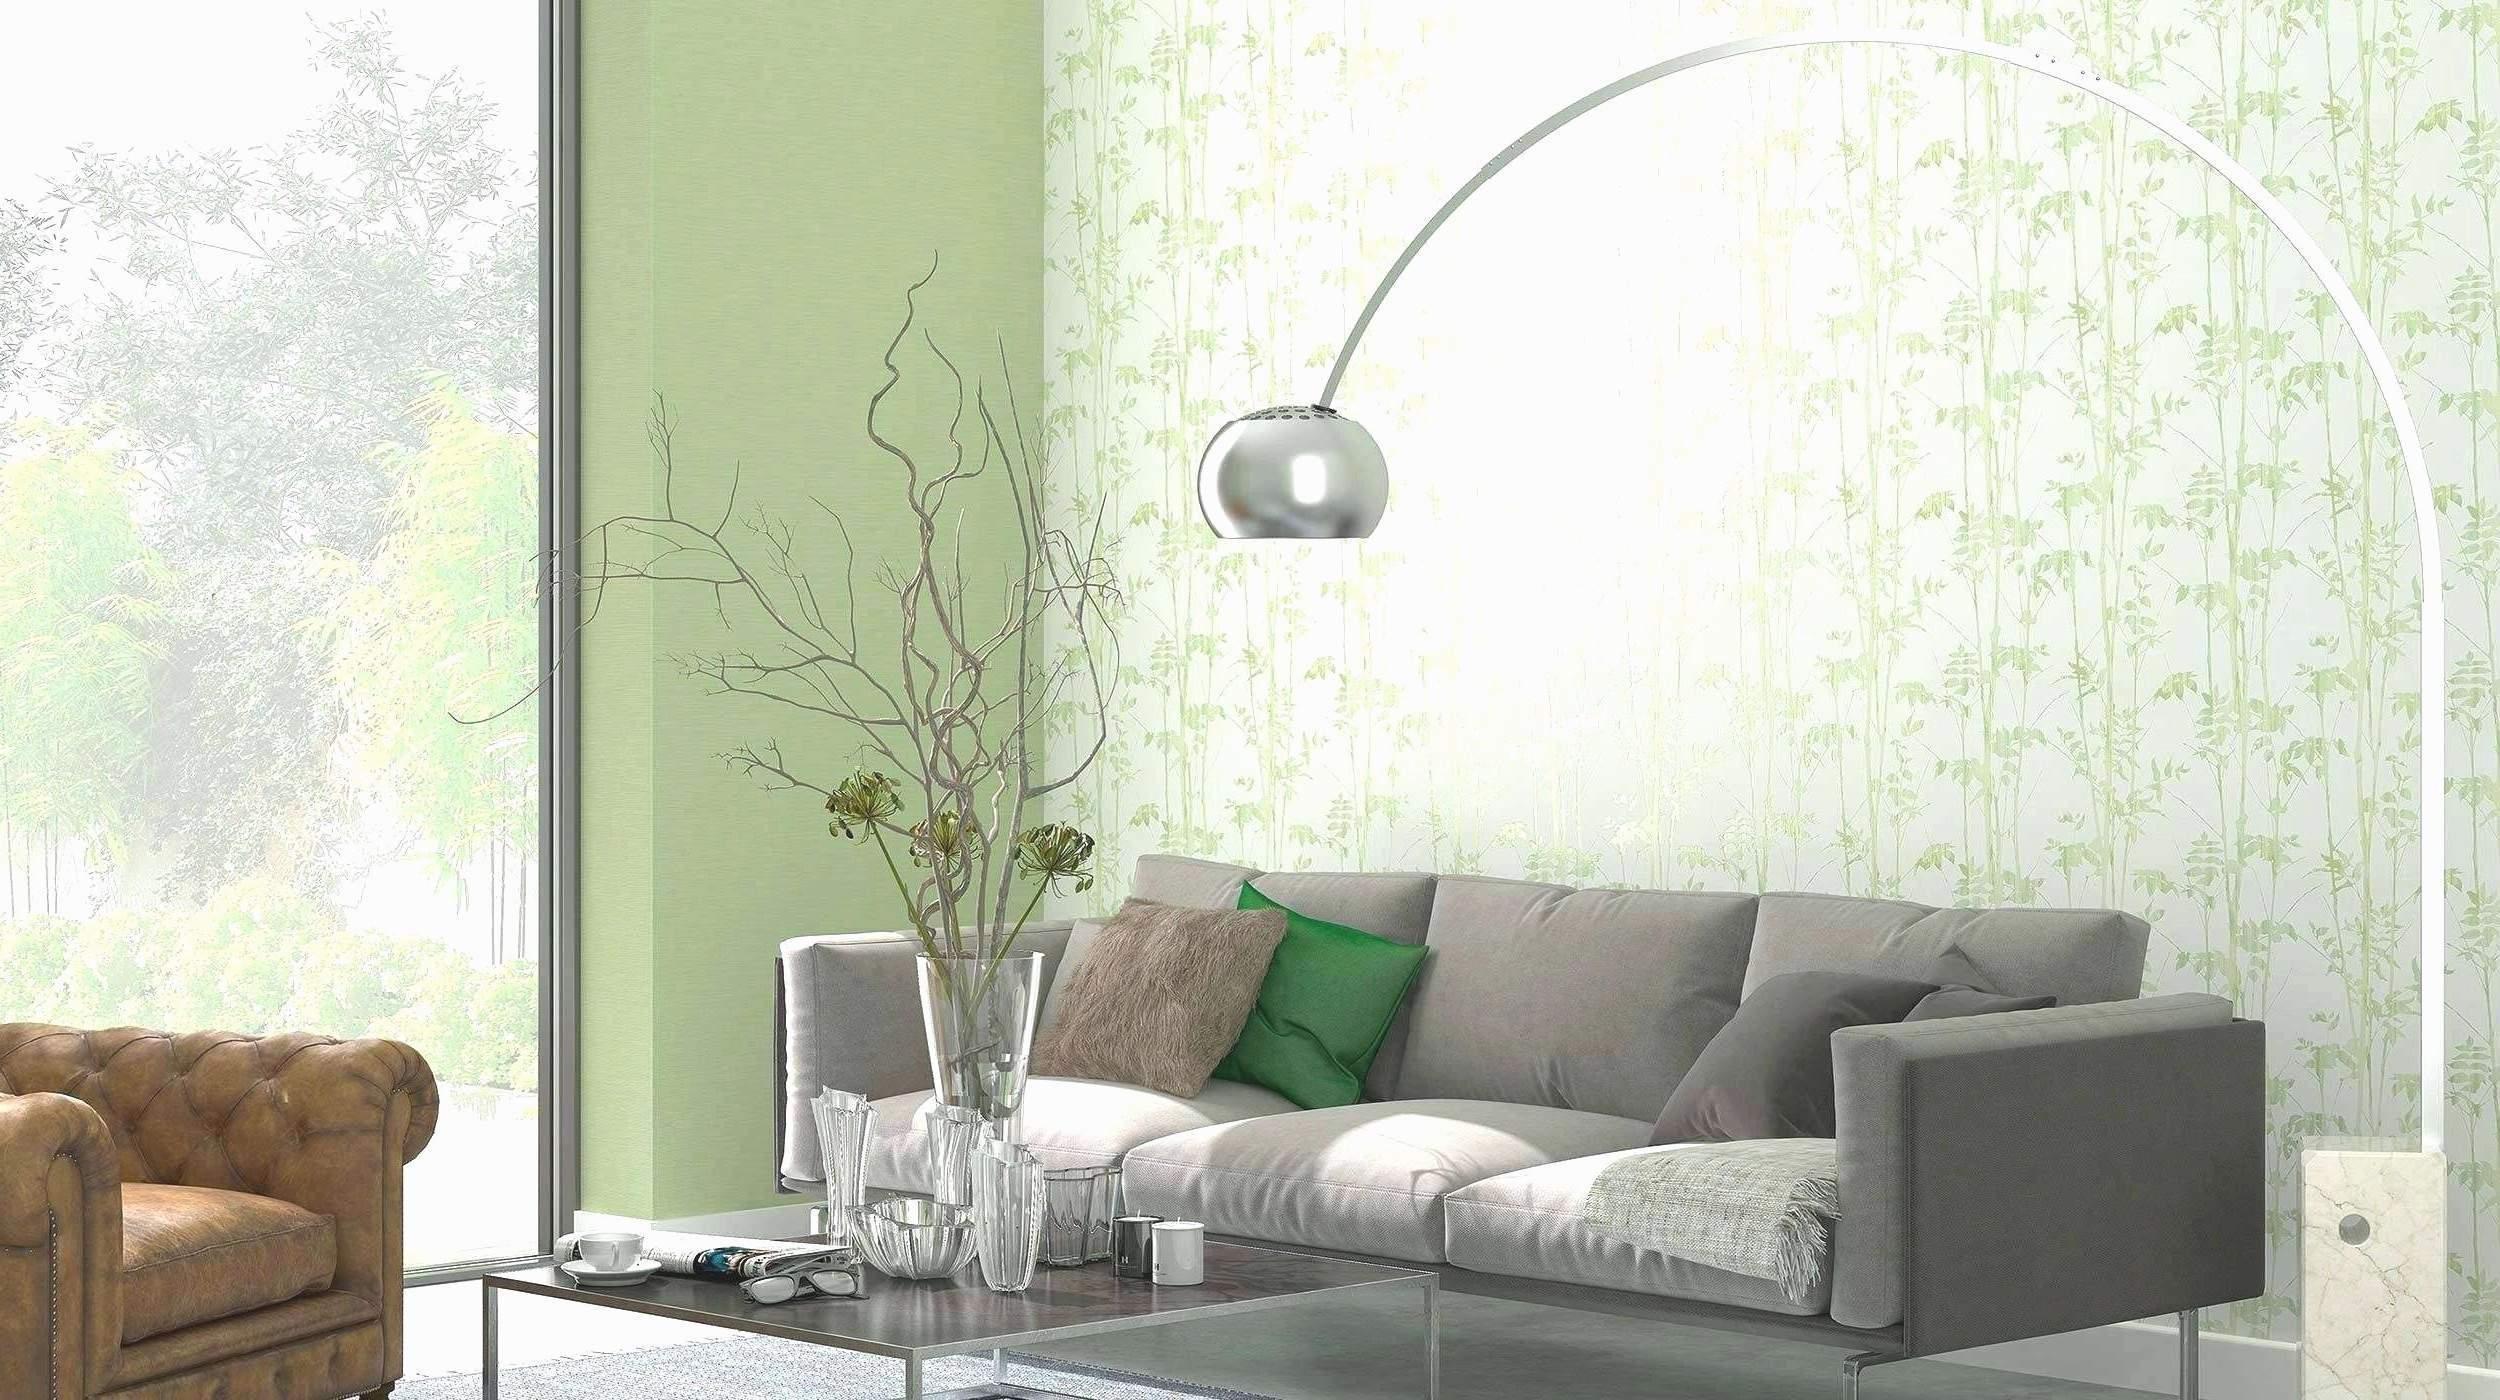 wohnzimmer deko ideen neu wanddeko ideen wohnzimmer design sie mussen sehen of wohnzimmer deko ideen